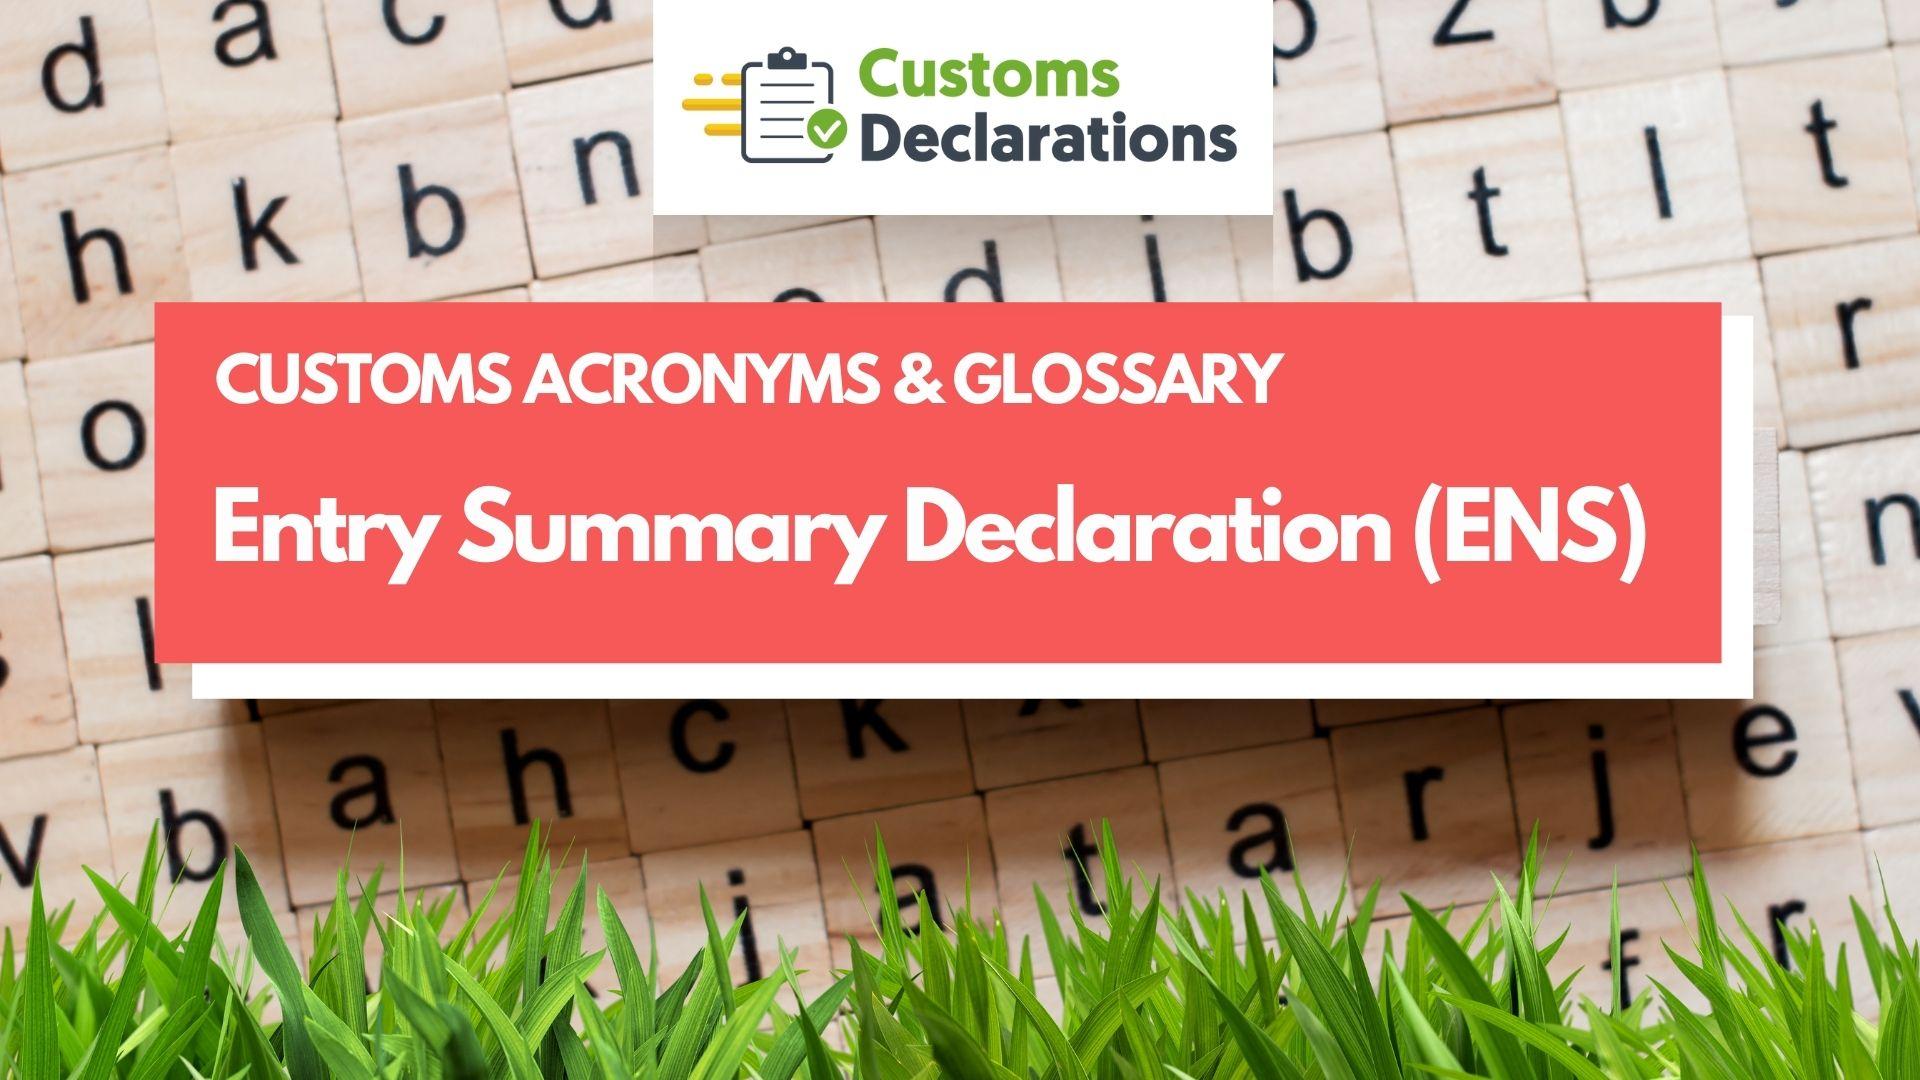 Entry Summary Declaration (ENS)